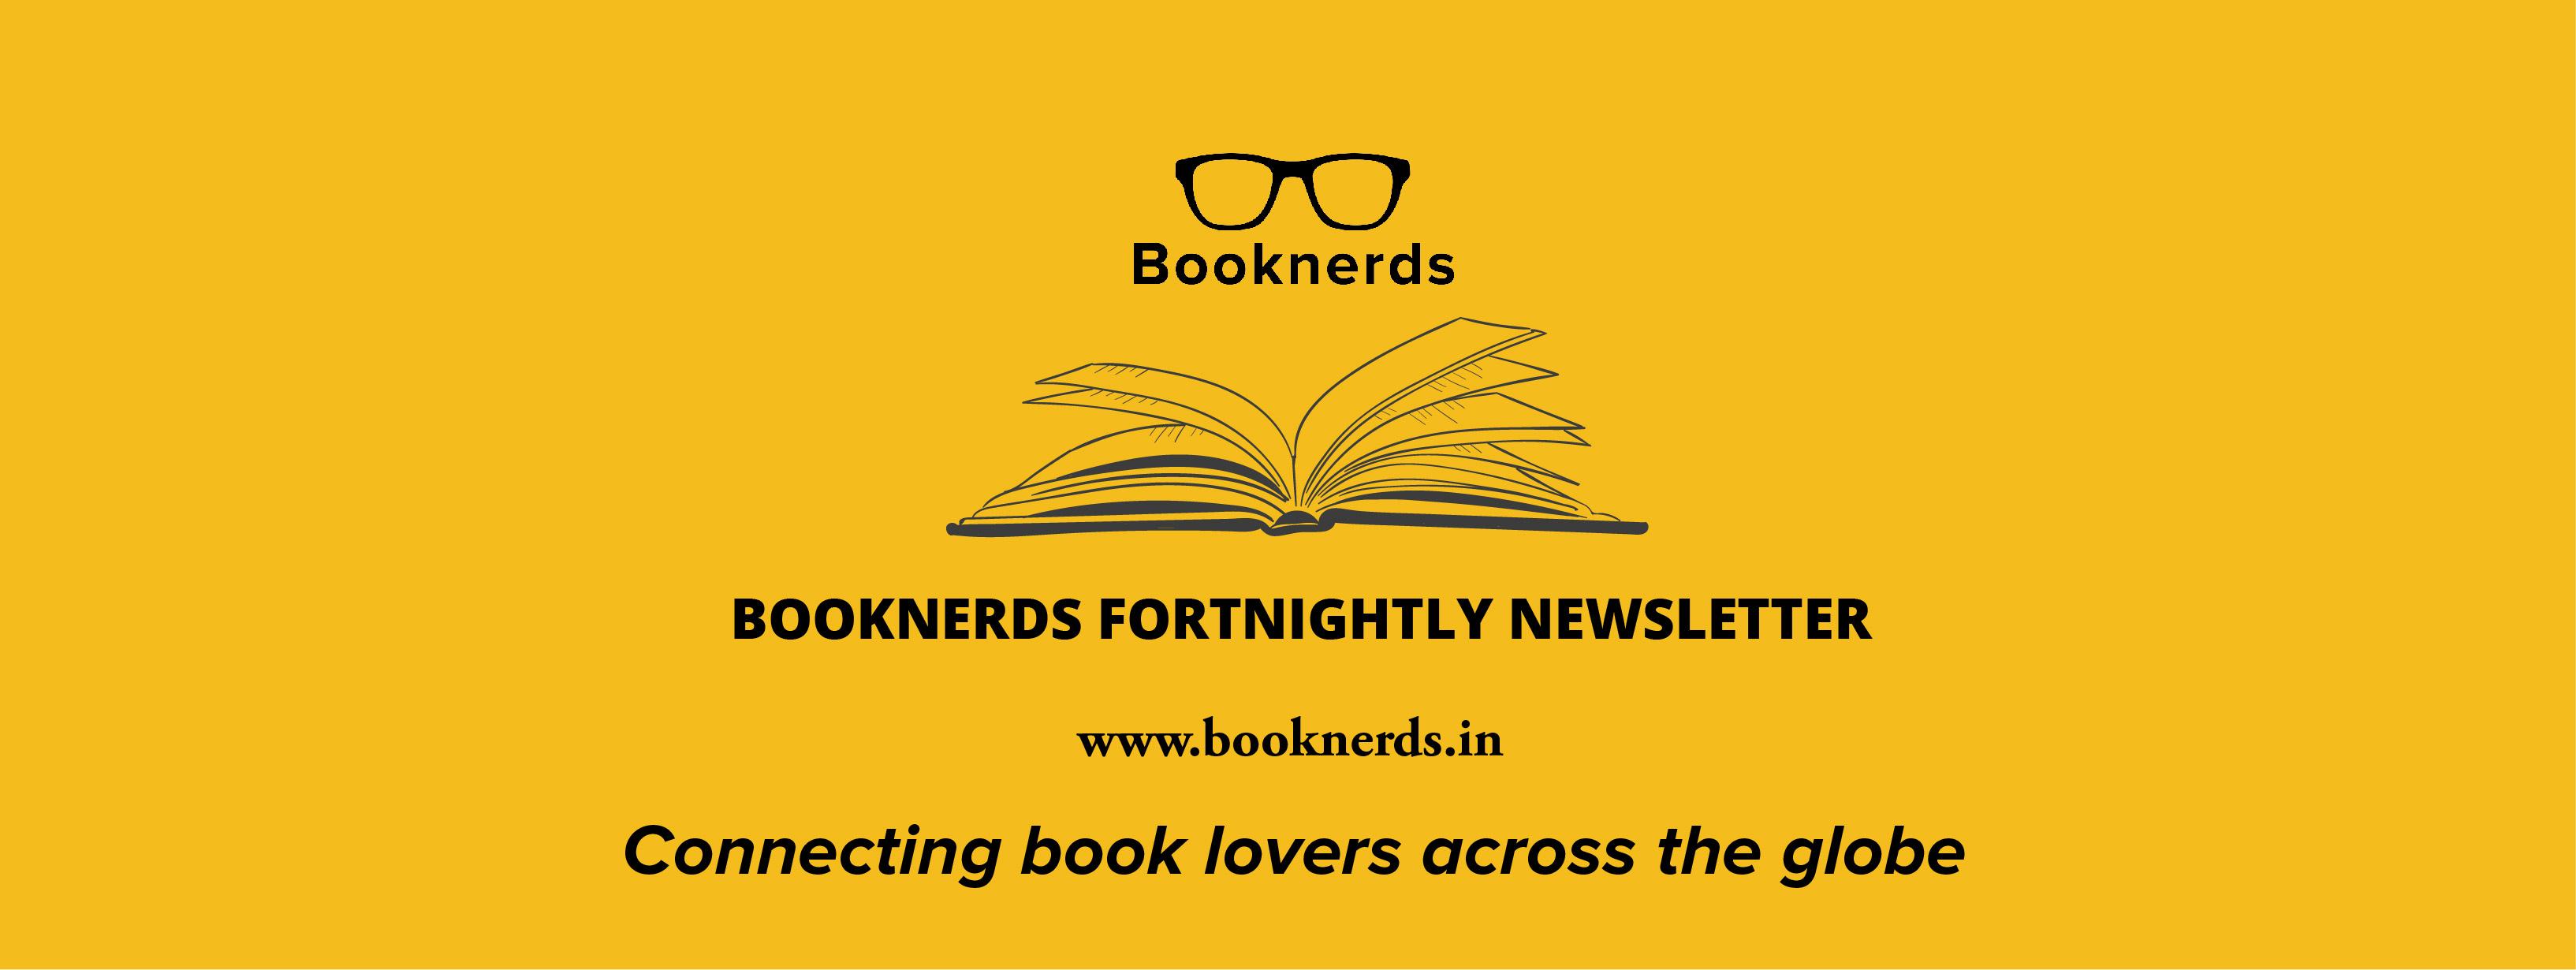 Booknerds Fortnightly Newsletter |January 15 | 2021